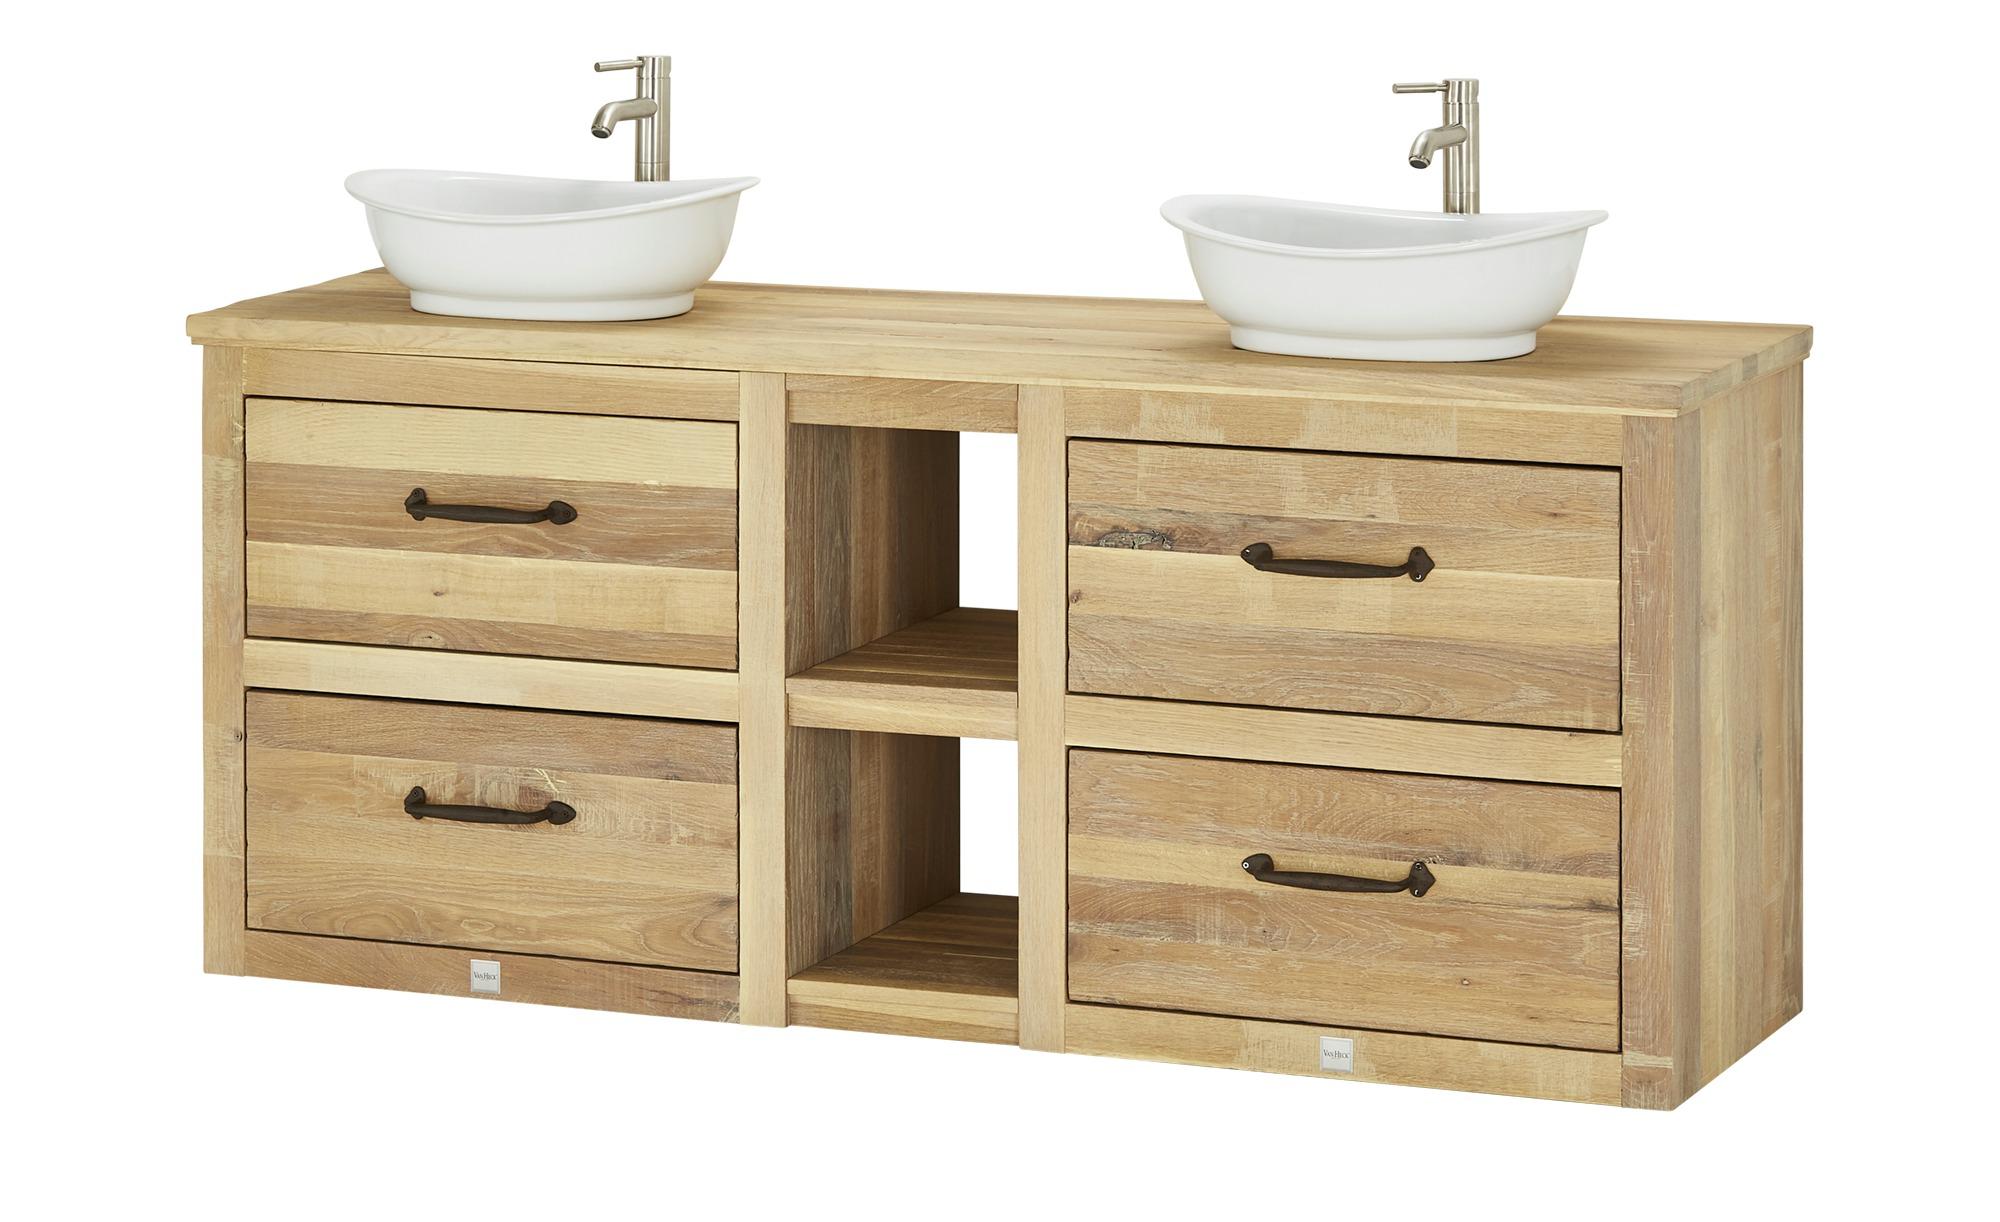 VAN HECK Waschtischkombination - holzfarben - 193 cm - 100,5 cm - 51,5 cm -  Schränke > Badschränke > Komplett-Badkombinationen - Möbel Kraft